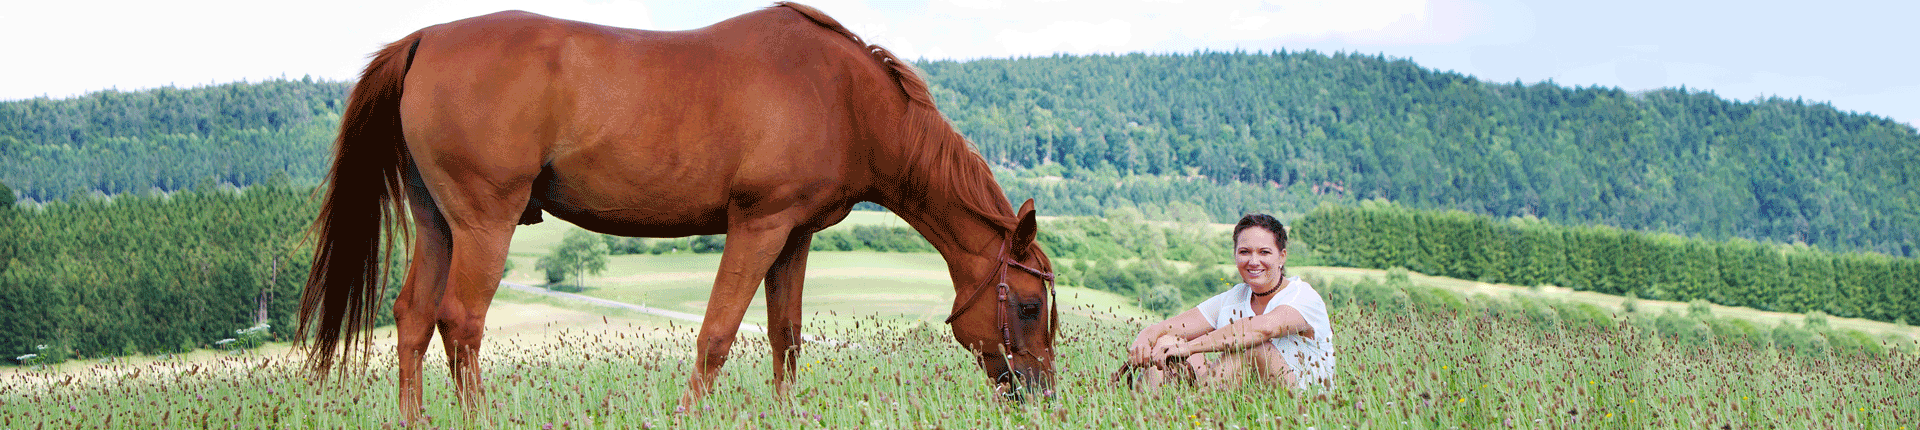 Kategorie Headerbild Pferd und Reiter